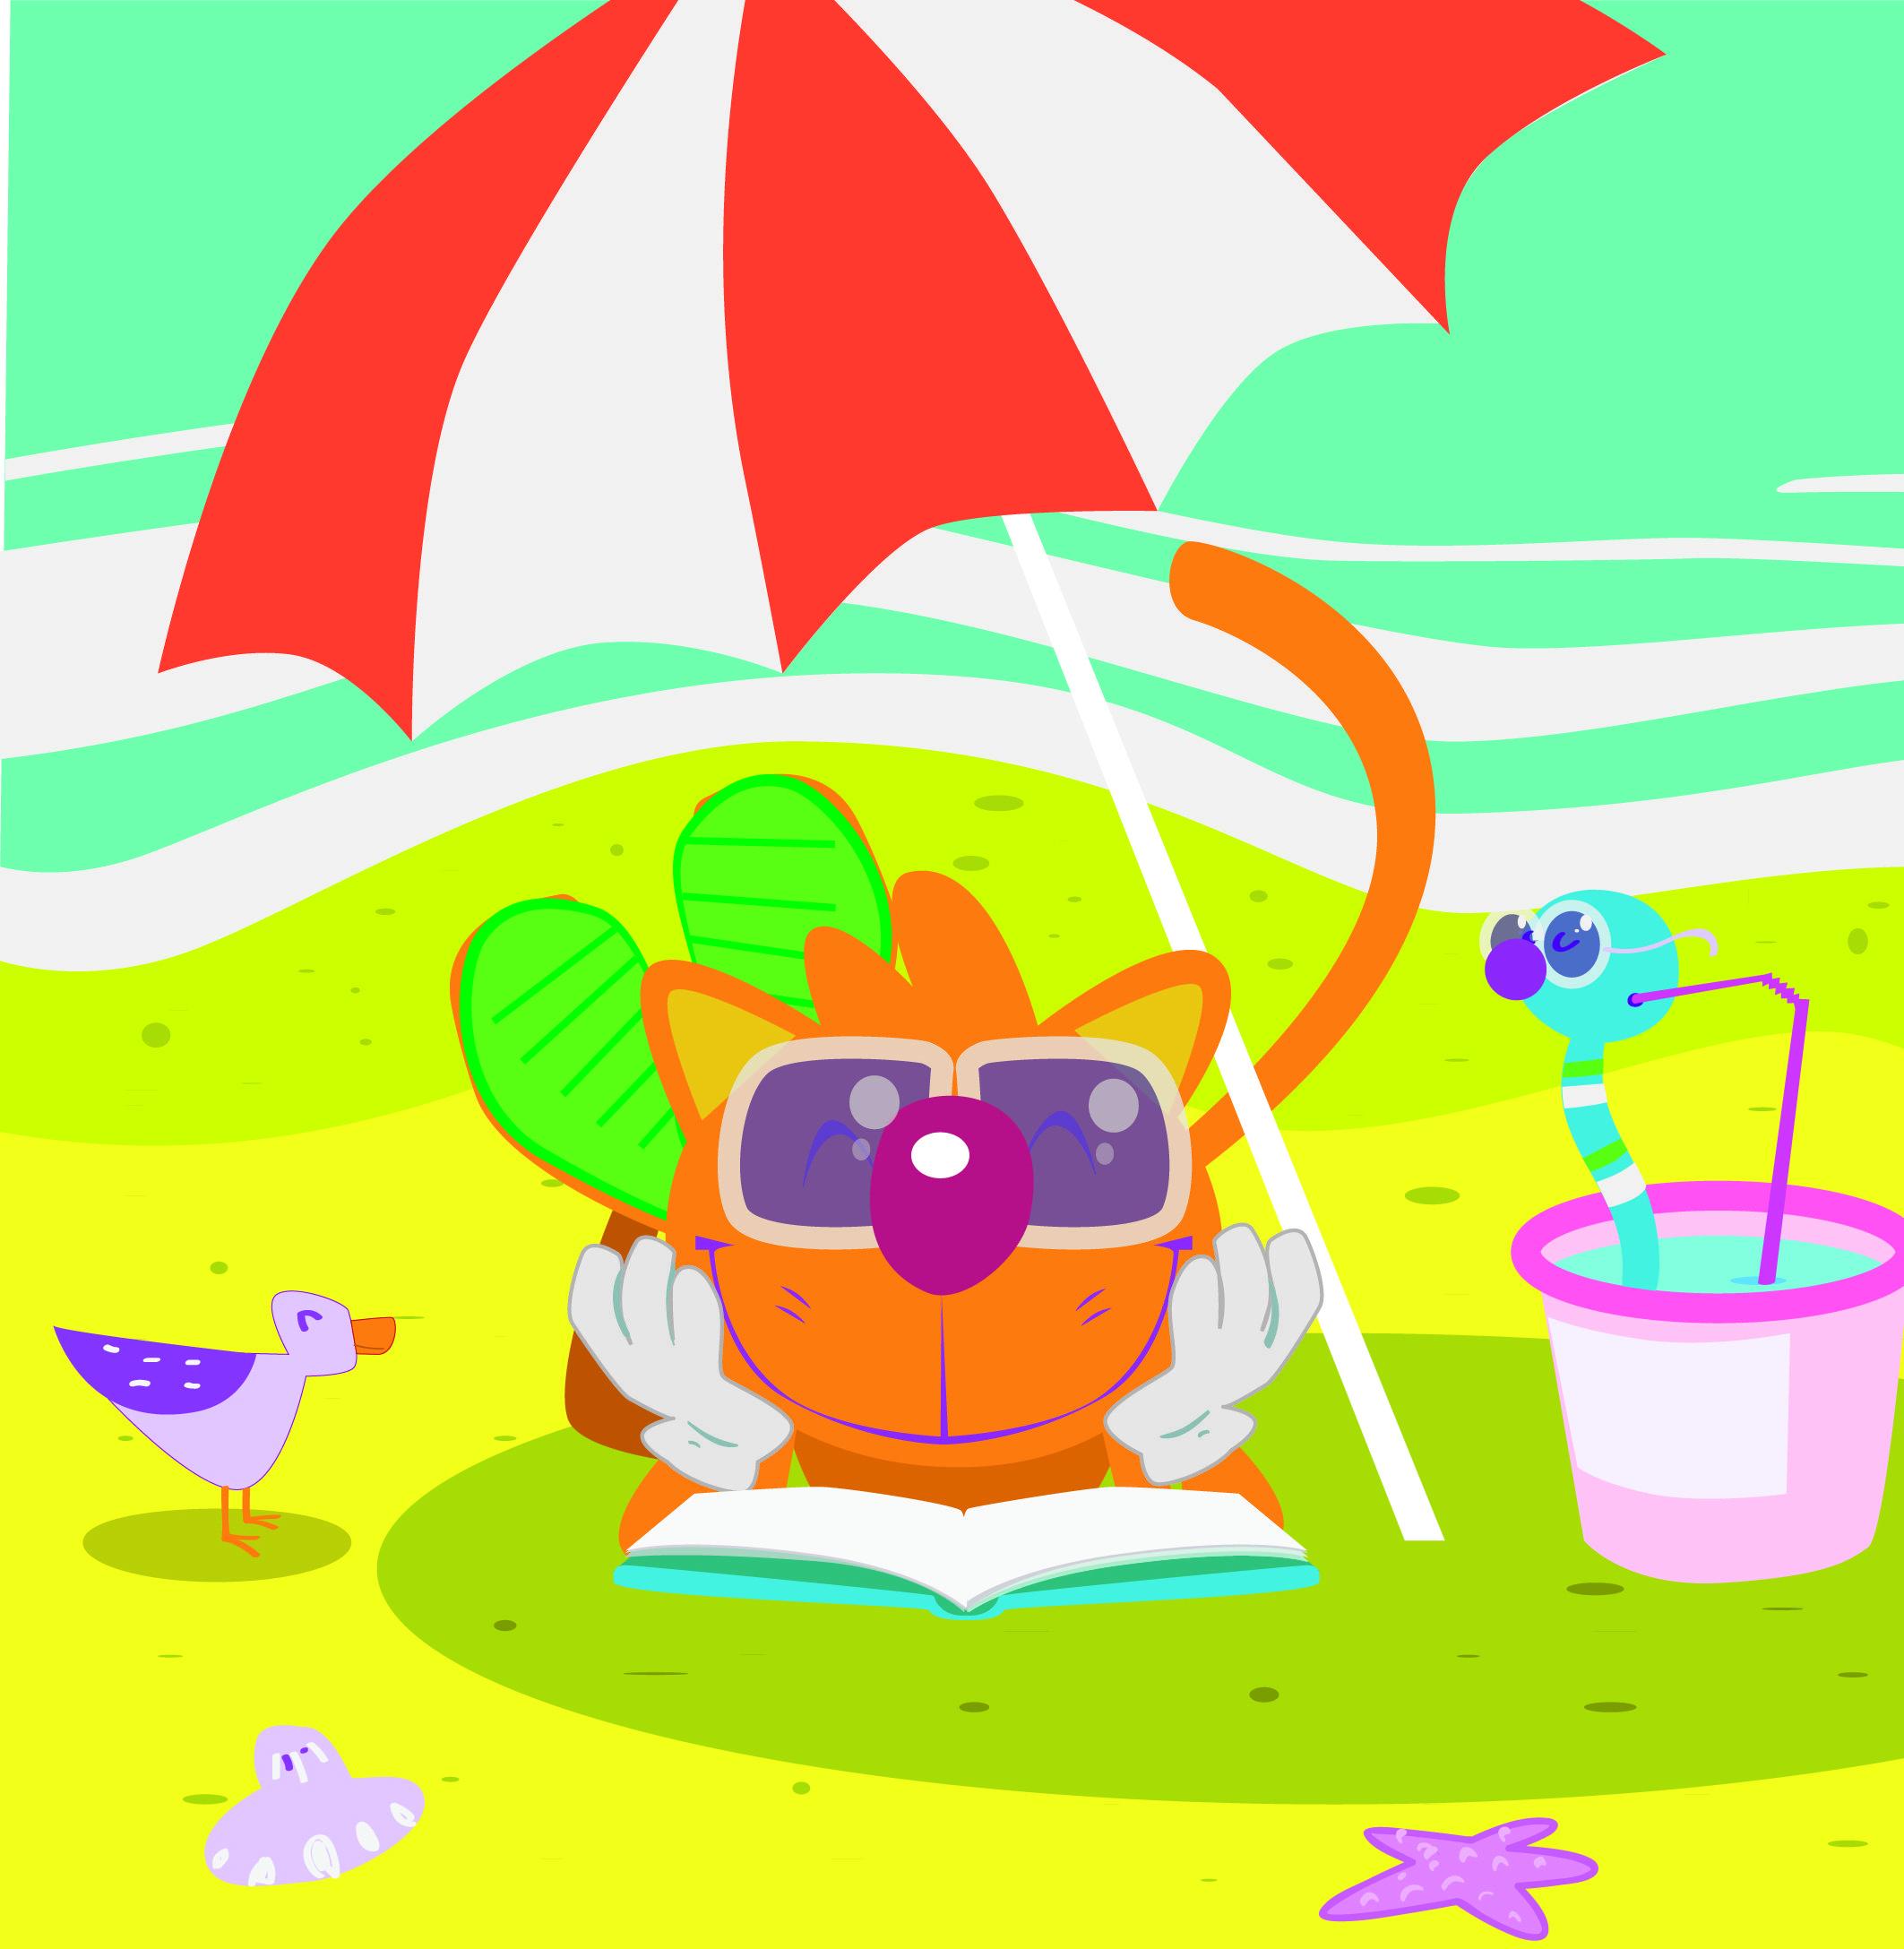 A Zyro en verano le gusta disfrutar de la playa y buen #libro, junto a su amigo Palabrejas